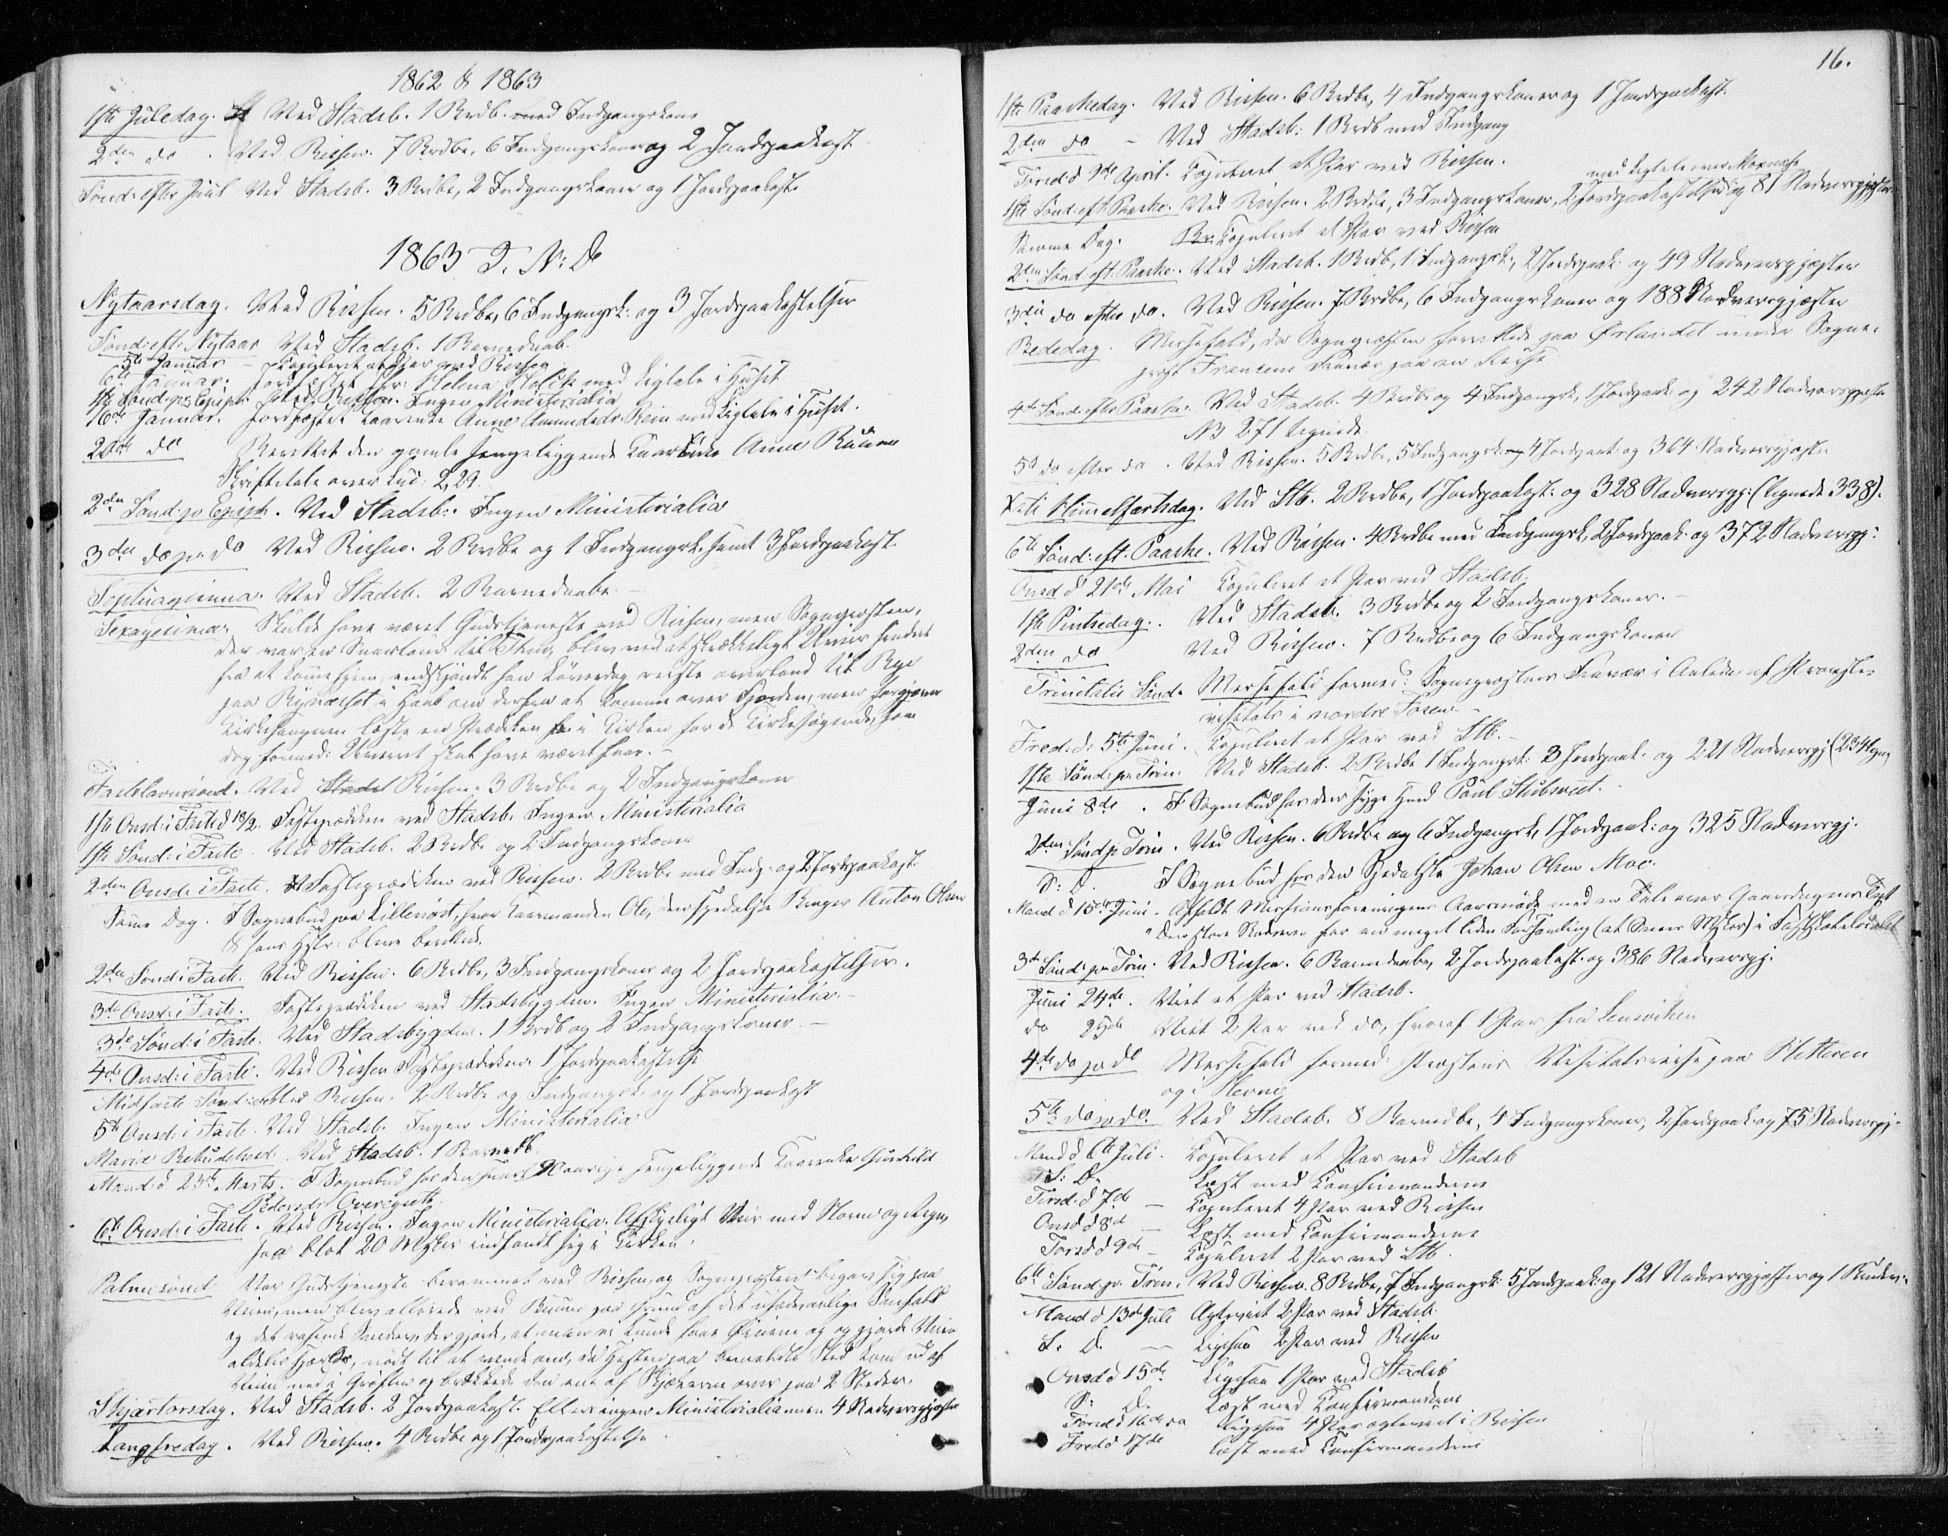 SAT, Ministerialprotokoller, klokkerbøker og fødselsregistre - Sør-Trøndelag, 646/L0612: Ministerialbok nr. 646A10, 1858-1869, s. 16